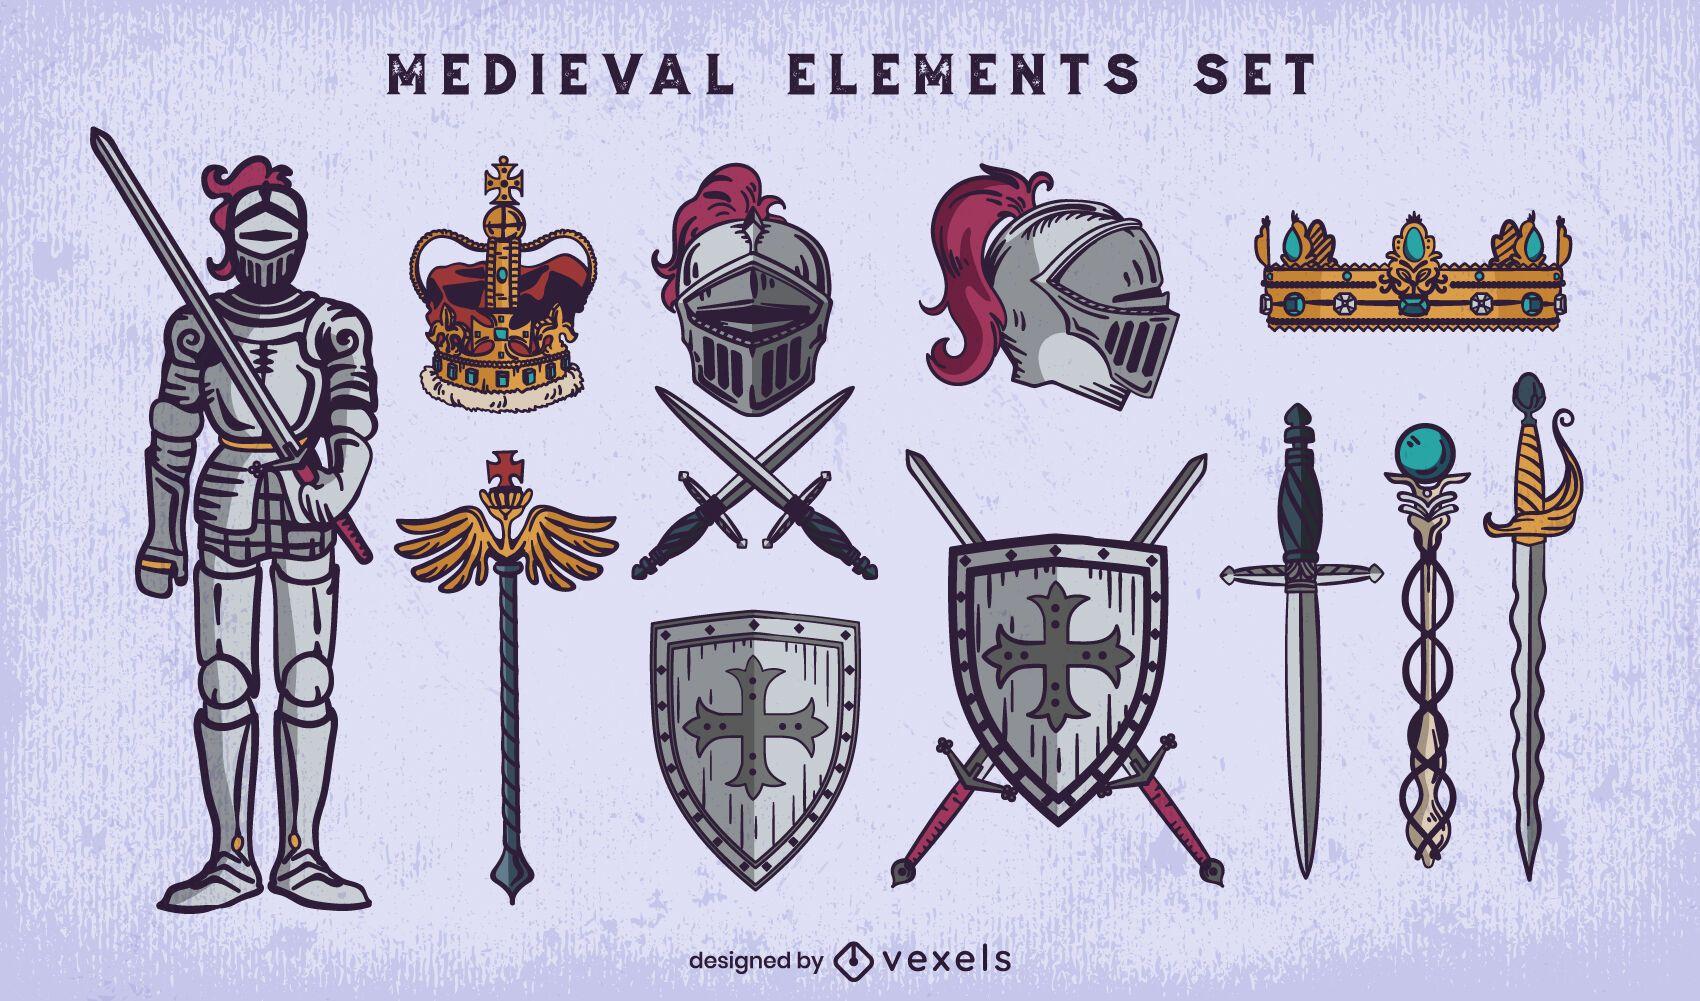 Medieval kinght detailed illustration set